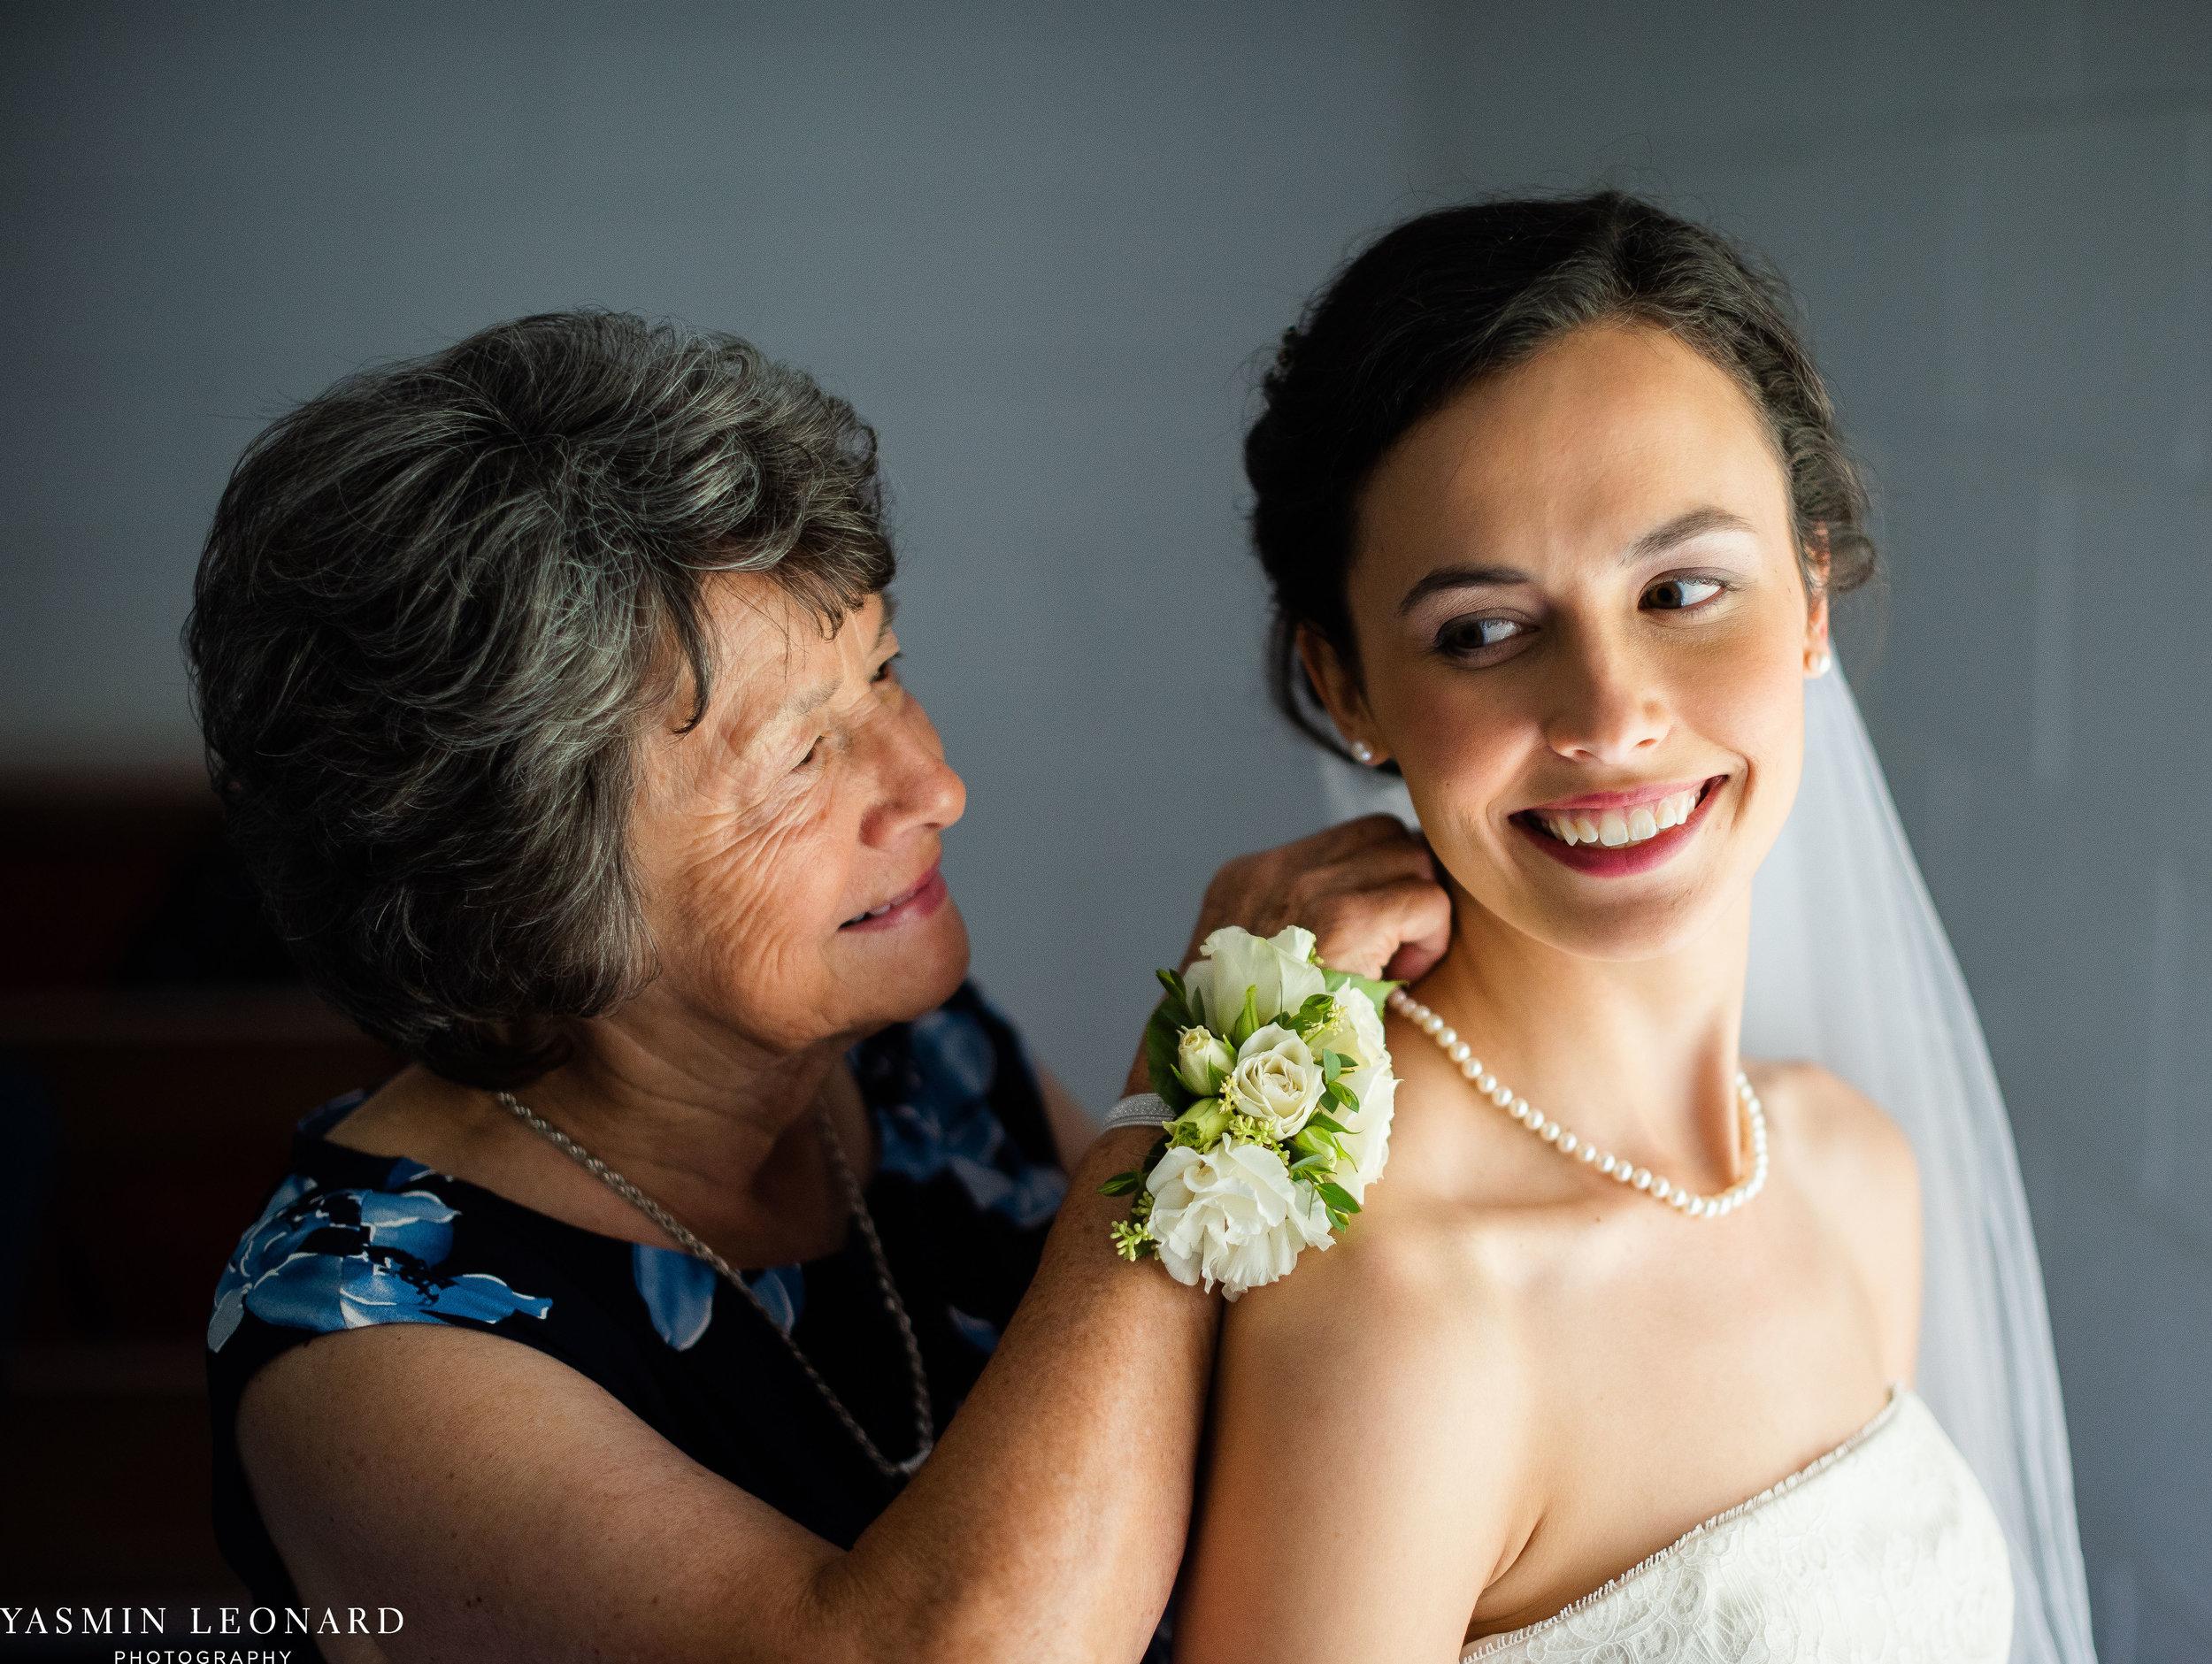 Mt. Pleasant Church - Church Wedding - Traditional Wedding - Church Ceremony - Country Wedding - Godly Wedding - NC Wedding Photographer - High Point Weddings - Triad Weddings - NC Venues-9.jpg